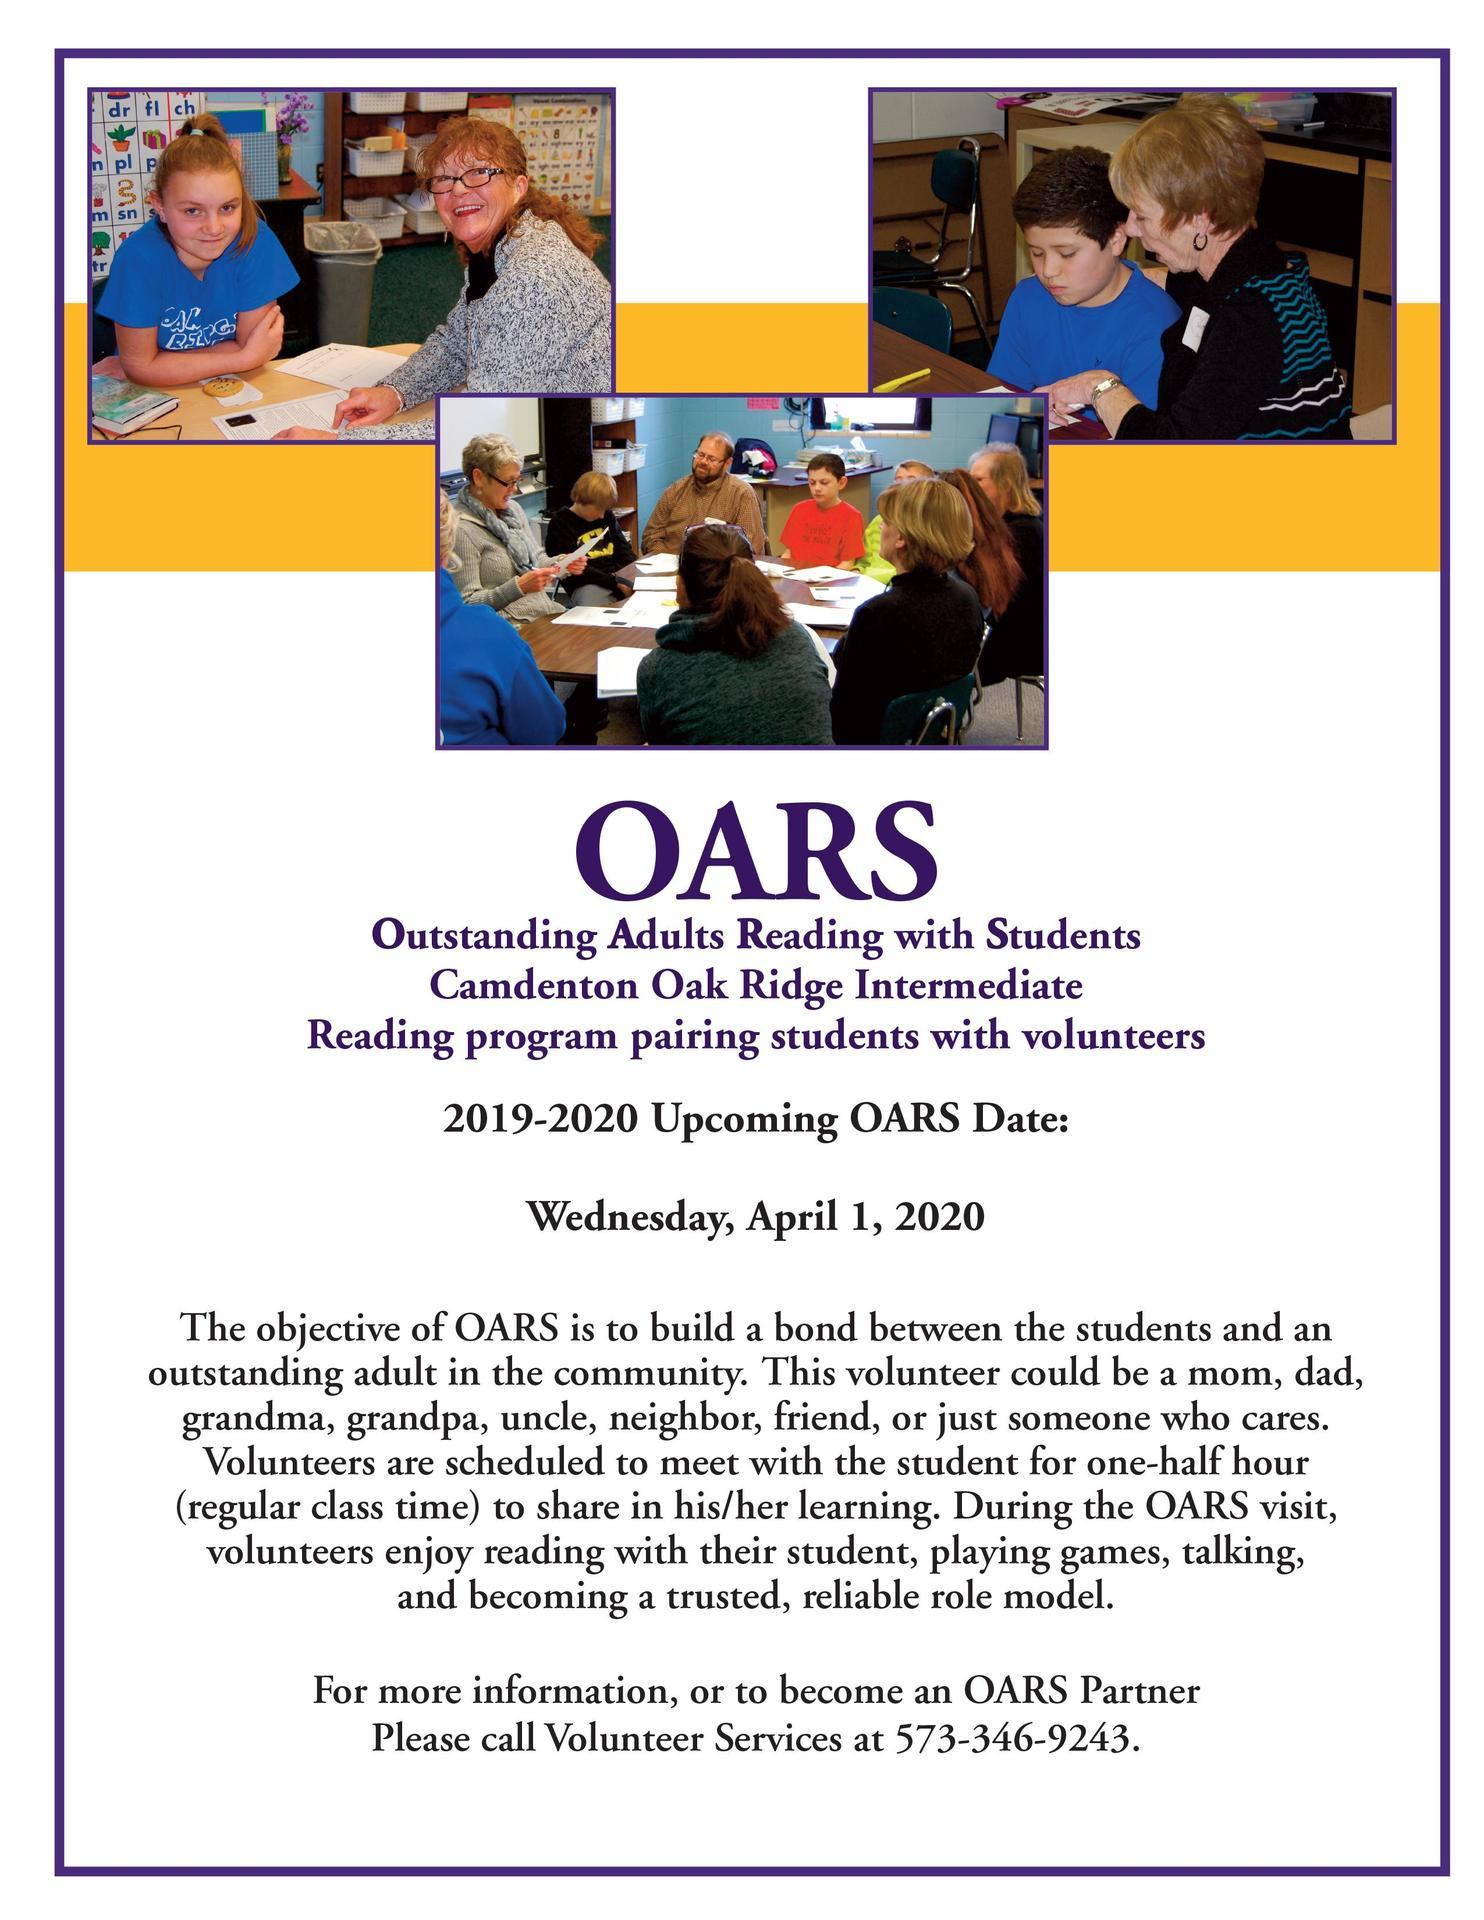 OARS last date